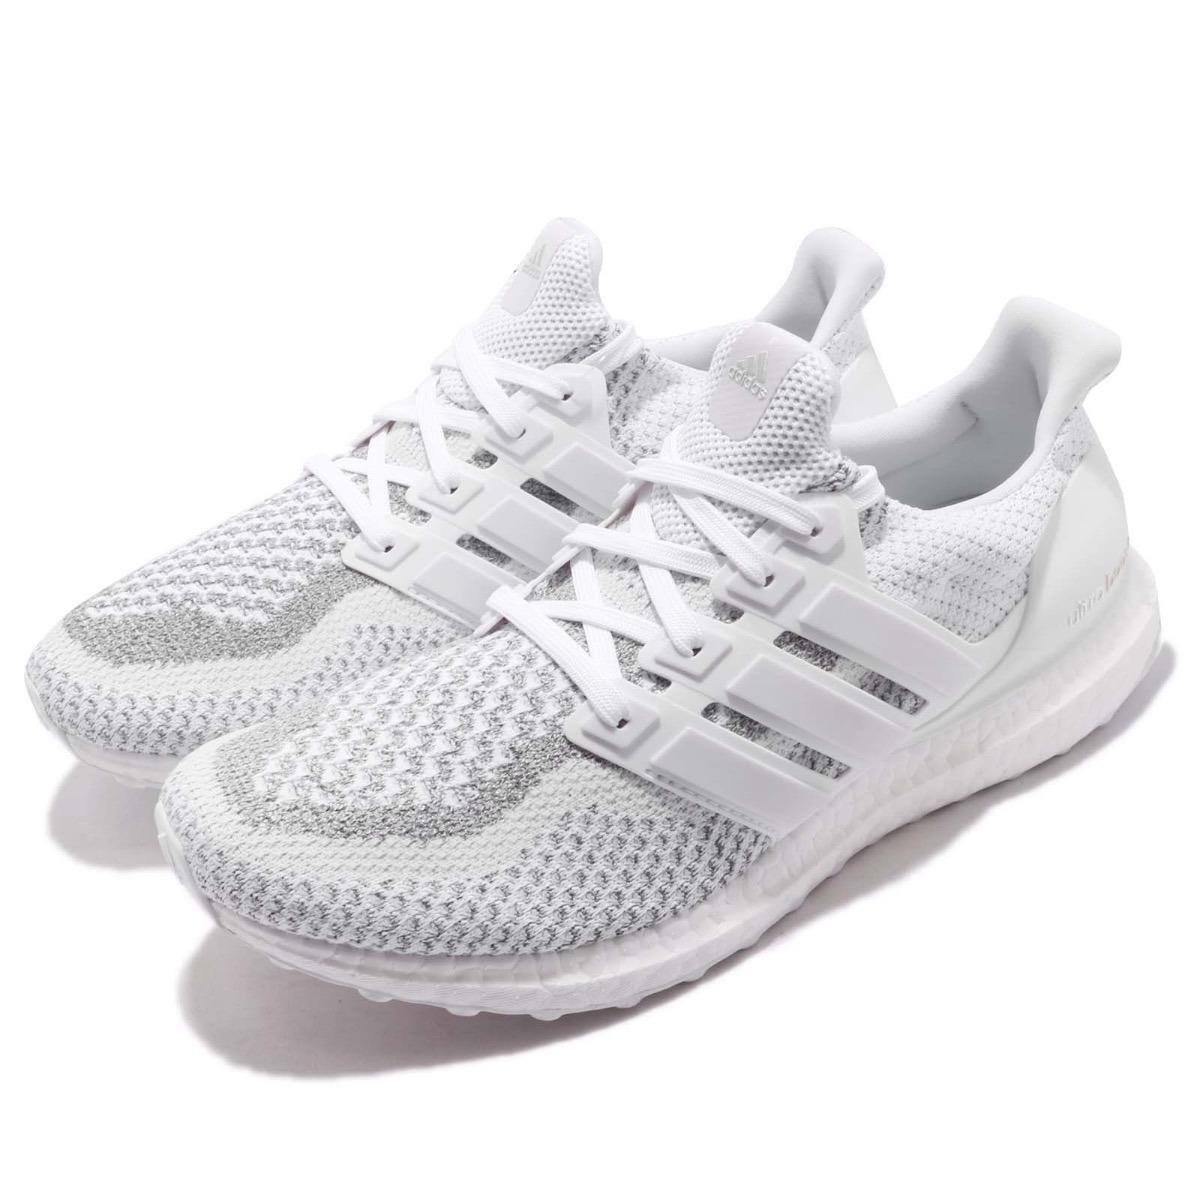 67e3250c4793e adidas ultraboost 2.0 triple white ltd 3m ultra boost 39 ds. Carregando  zoom.